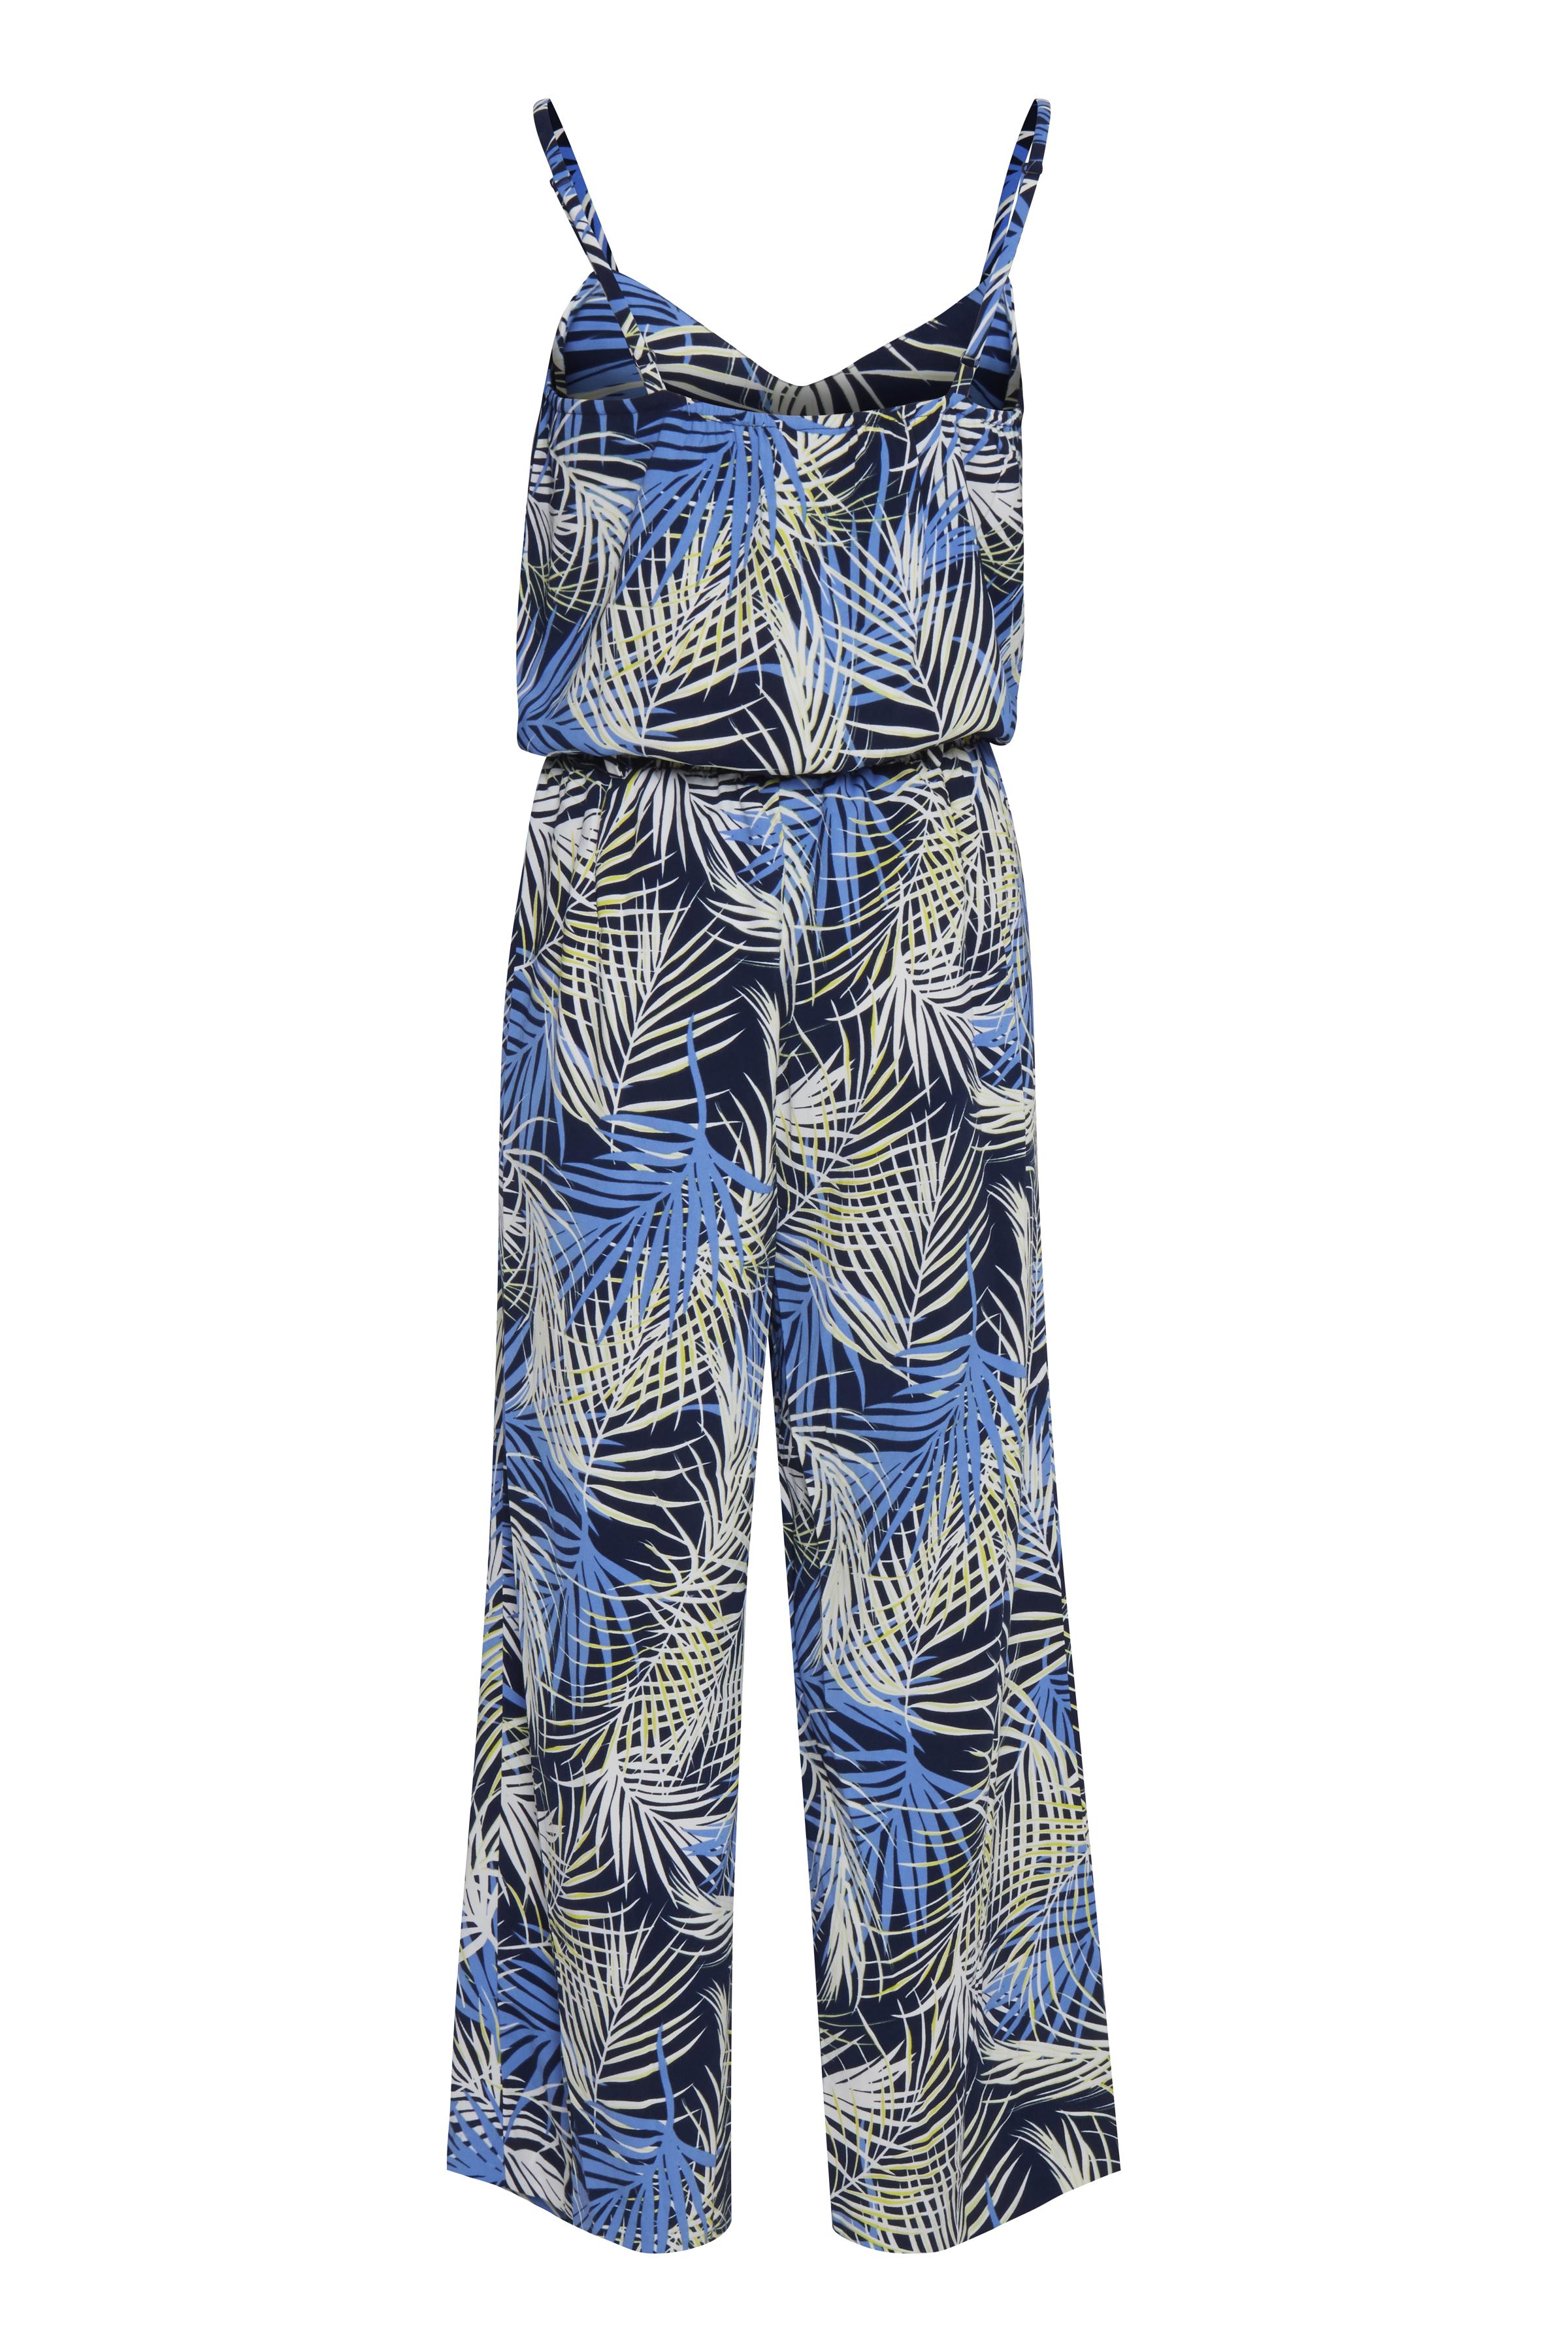 Maritime Blue mix Jumpsuit – Køb Maritime Blue mix Jumpsuit fra str. XS-XL her